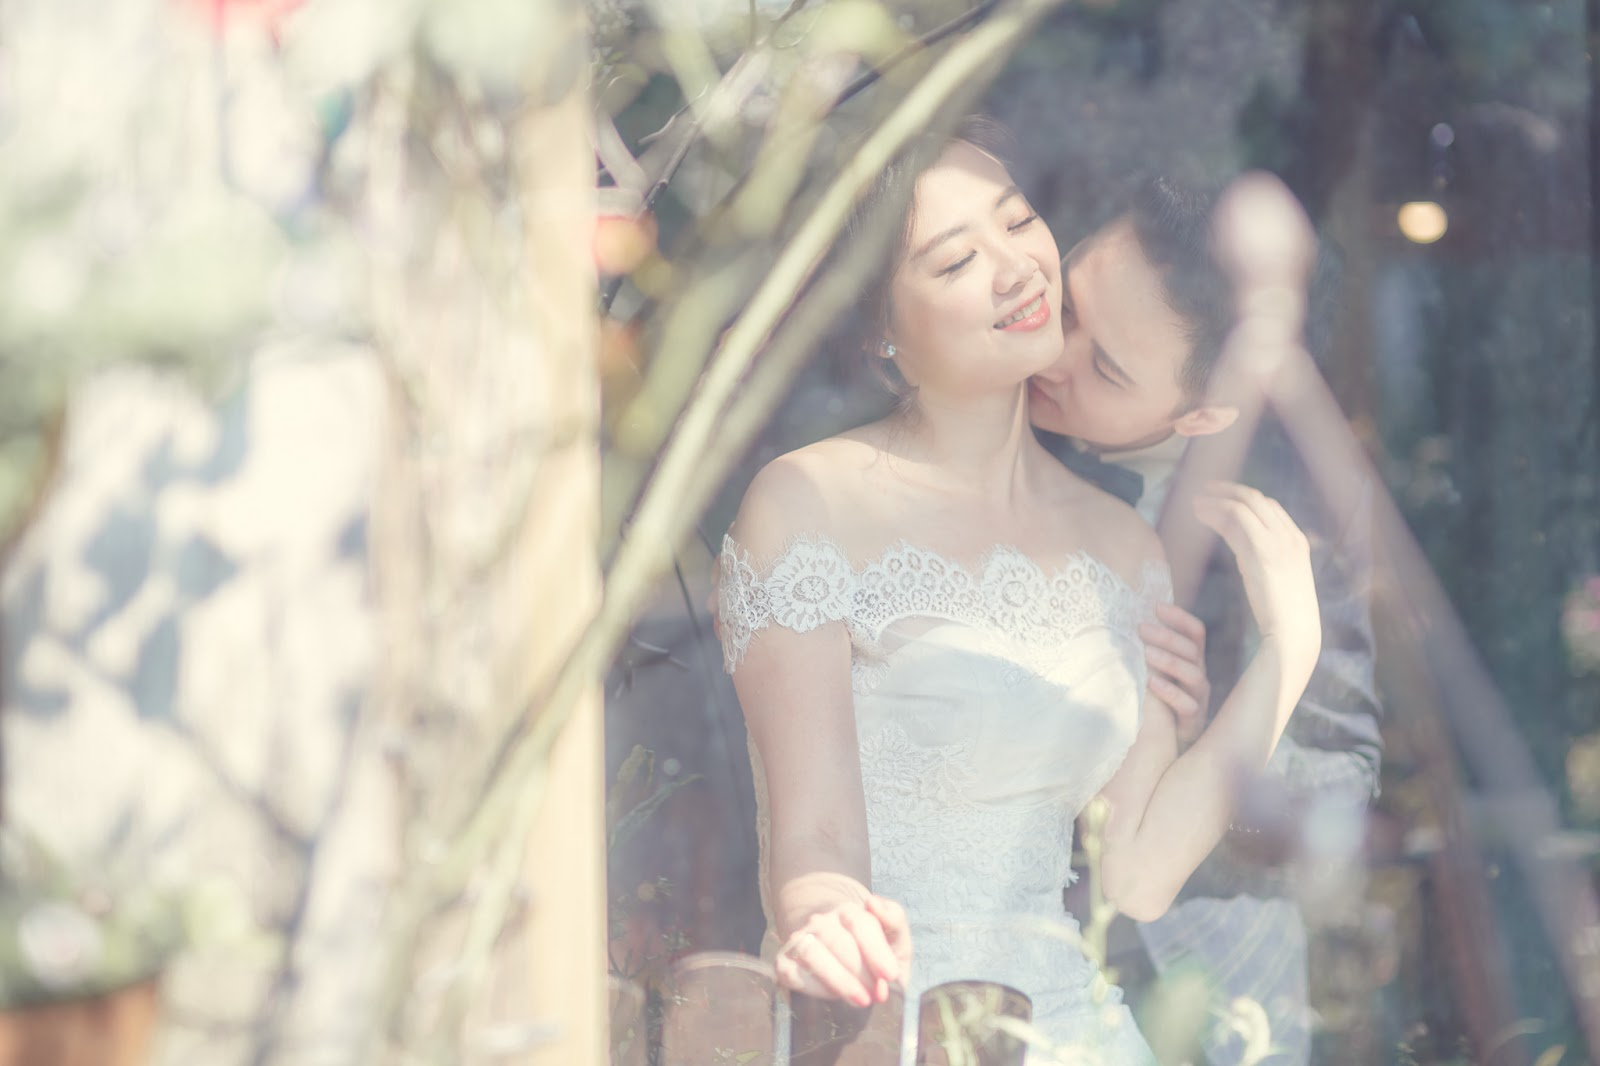 浪漫婚紗 美式婚紗 復古婚紗 自然風格 手工禮服 台北婚紗推薦 海外旅拍 自助婚紗 婚紗包套 台北拍婚紗 陽明山婚紗 海邊婚紗 歐風婚紗